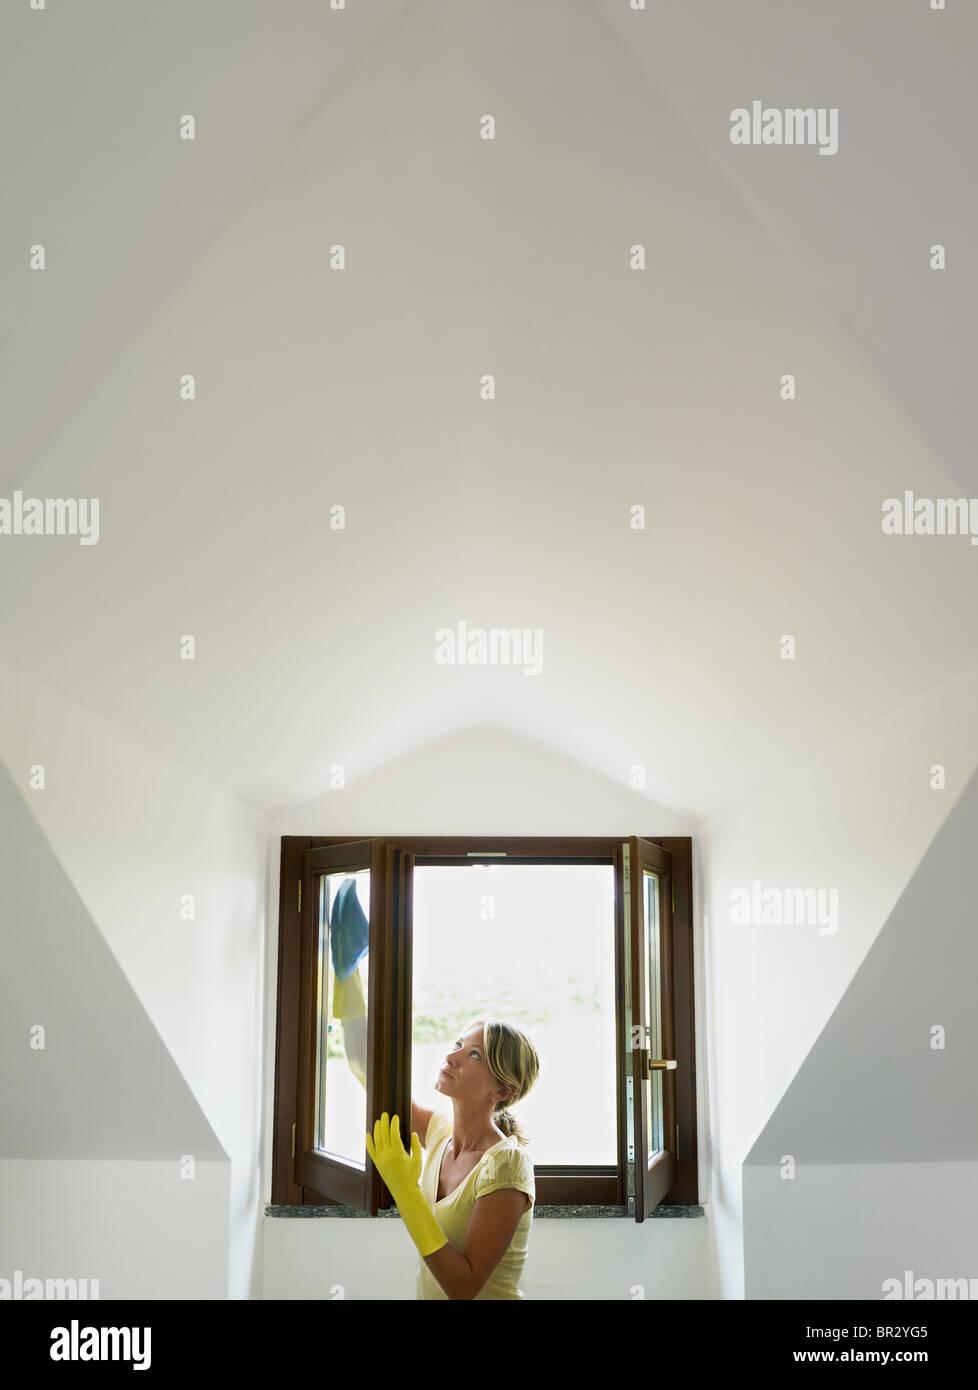 Metà donna adulta tergi windows in mansarda. Forma verticale, vita, spazio di copia Immagini Stock